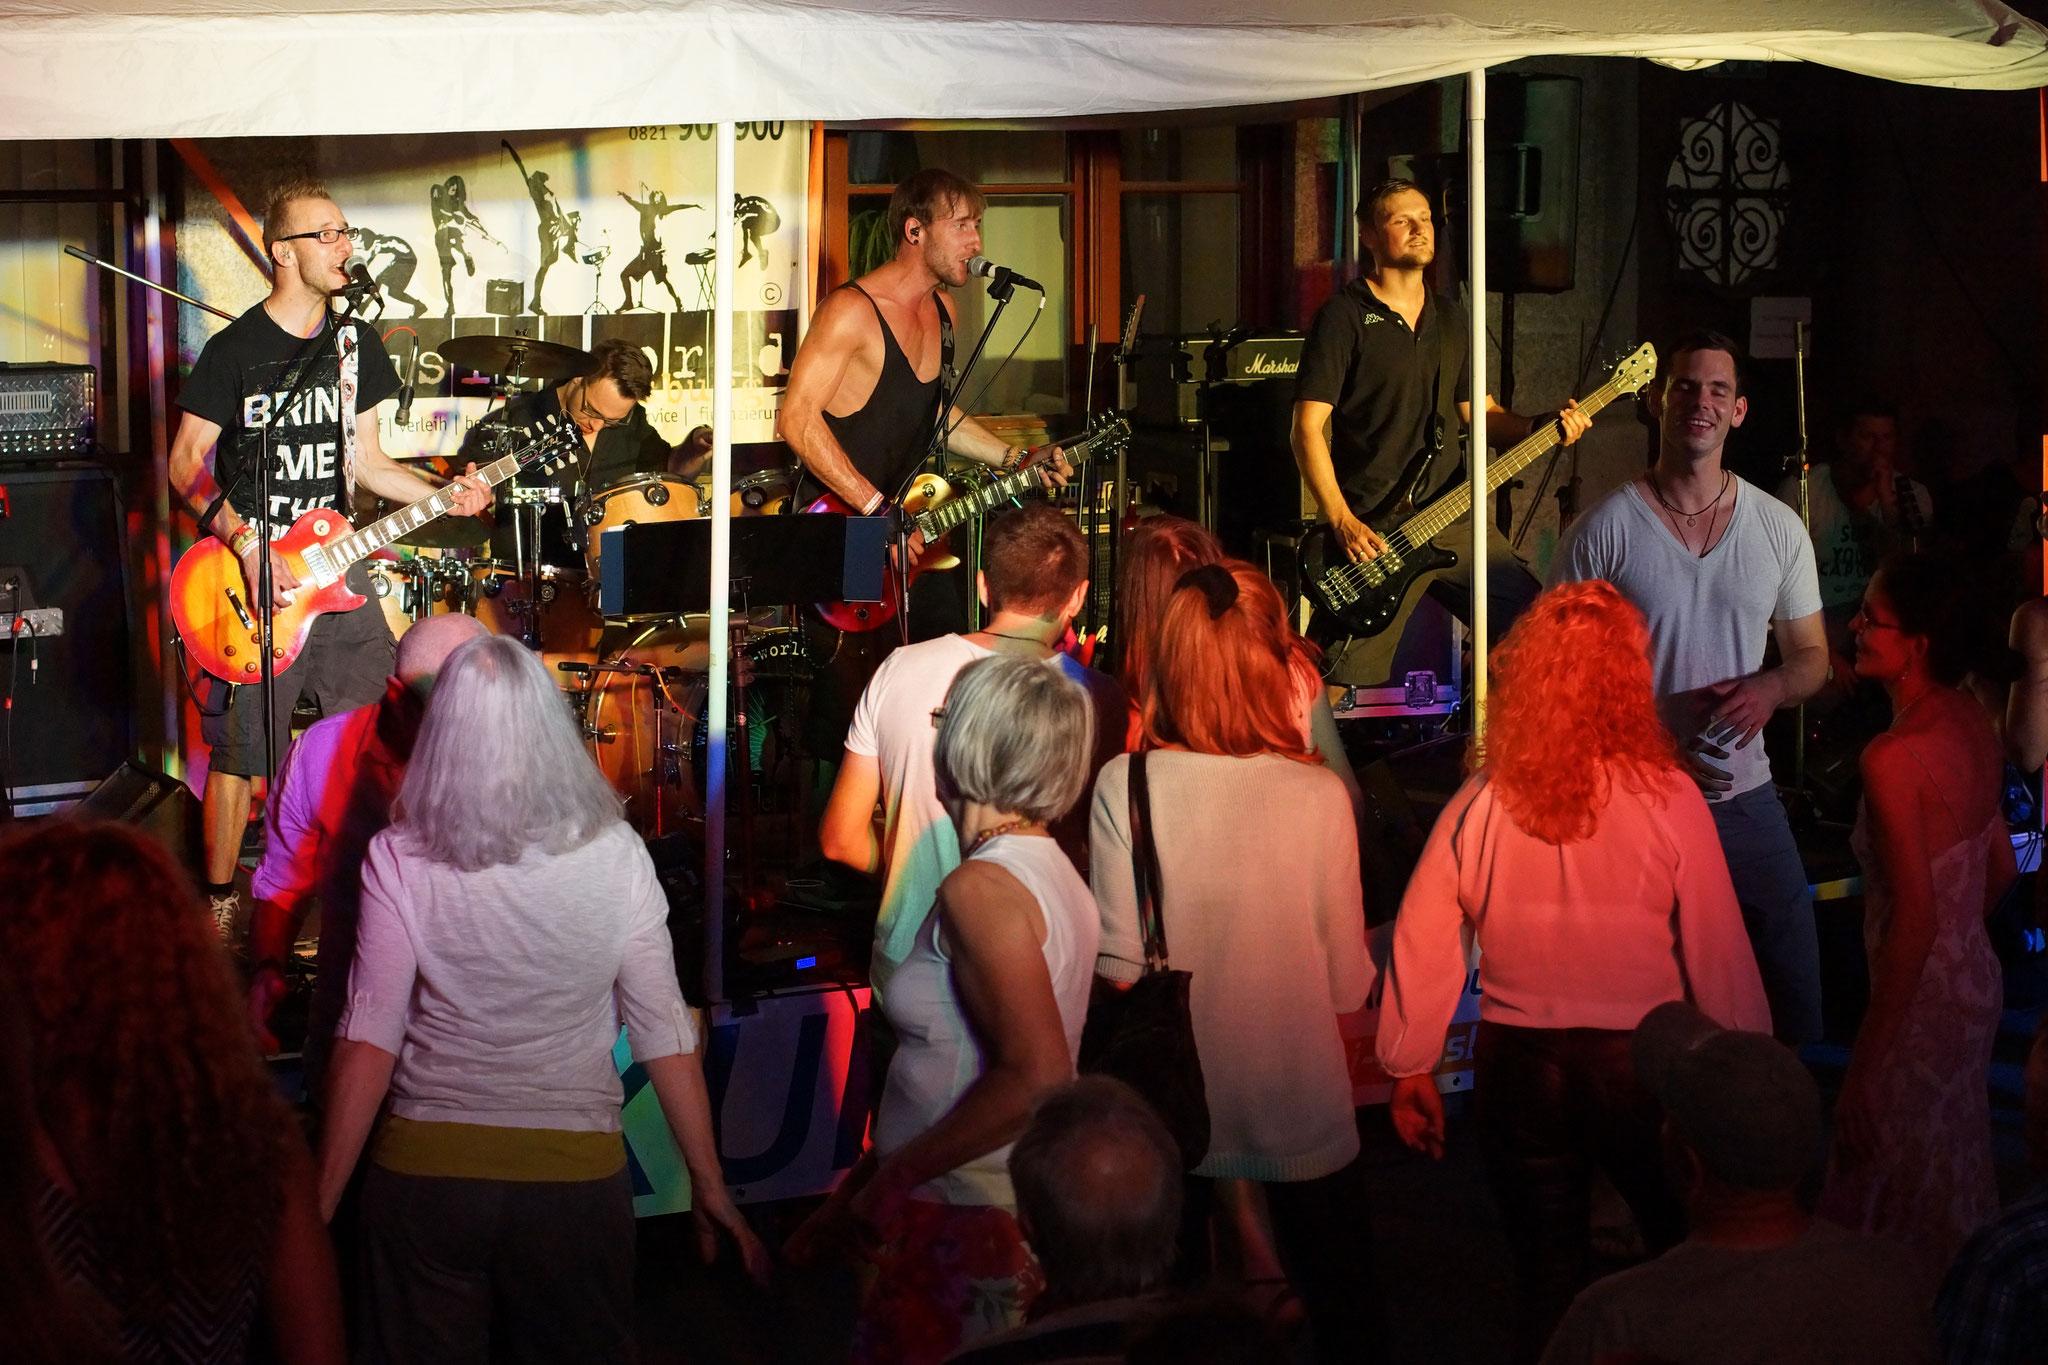 Konzerte im Bürgerhof 03.07.15 No Rules - Freiwilligen-Zentrum Augsburg - Foto: Crayfish